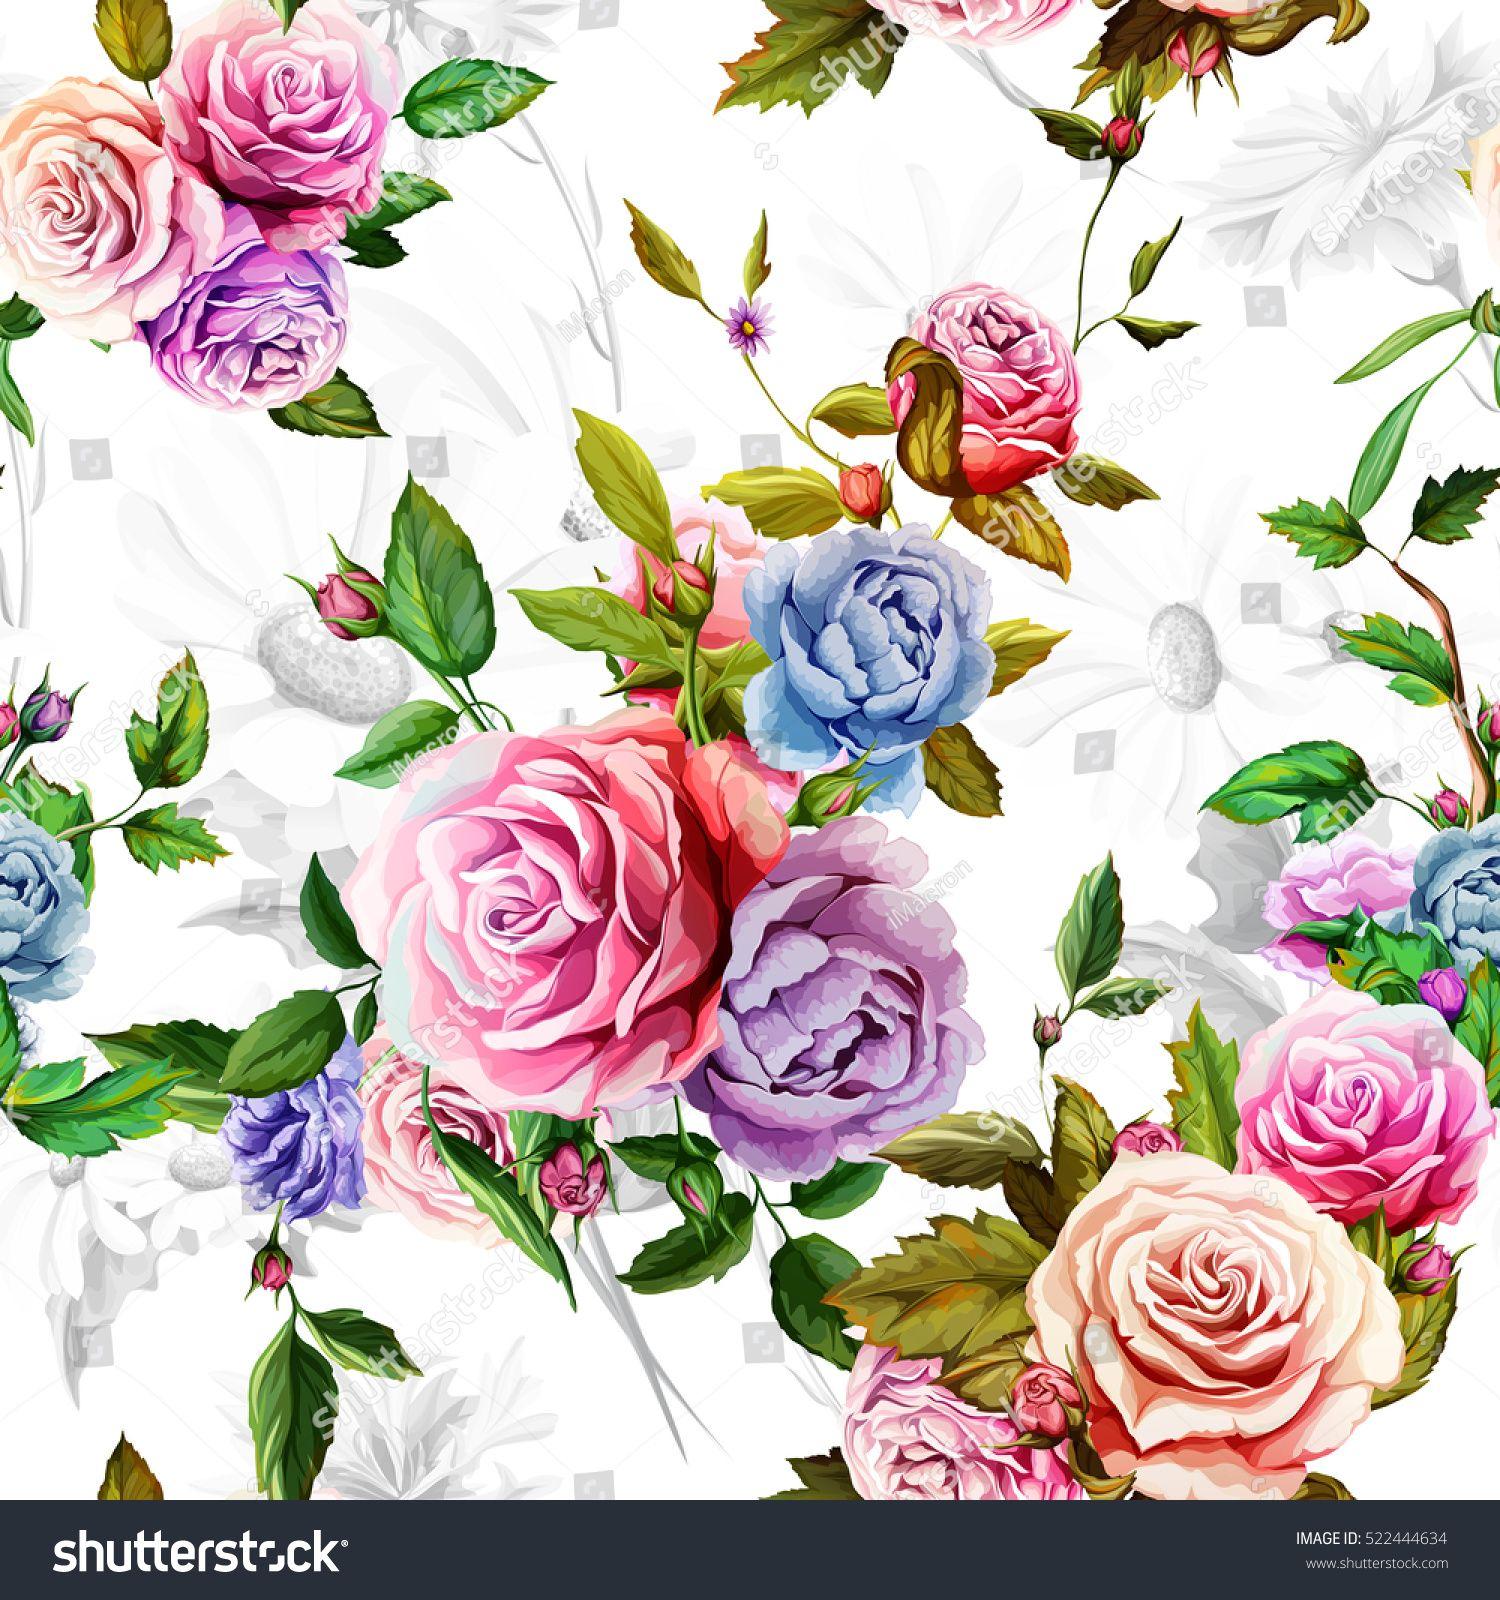 Edit Vectors Free Online Roses, peony Painted leaves